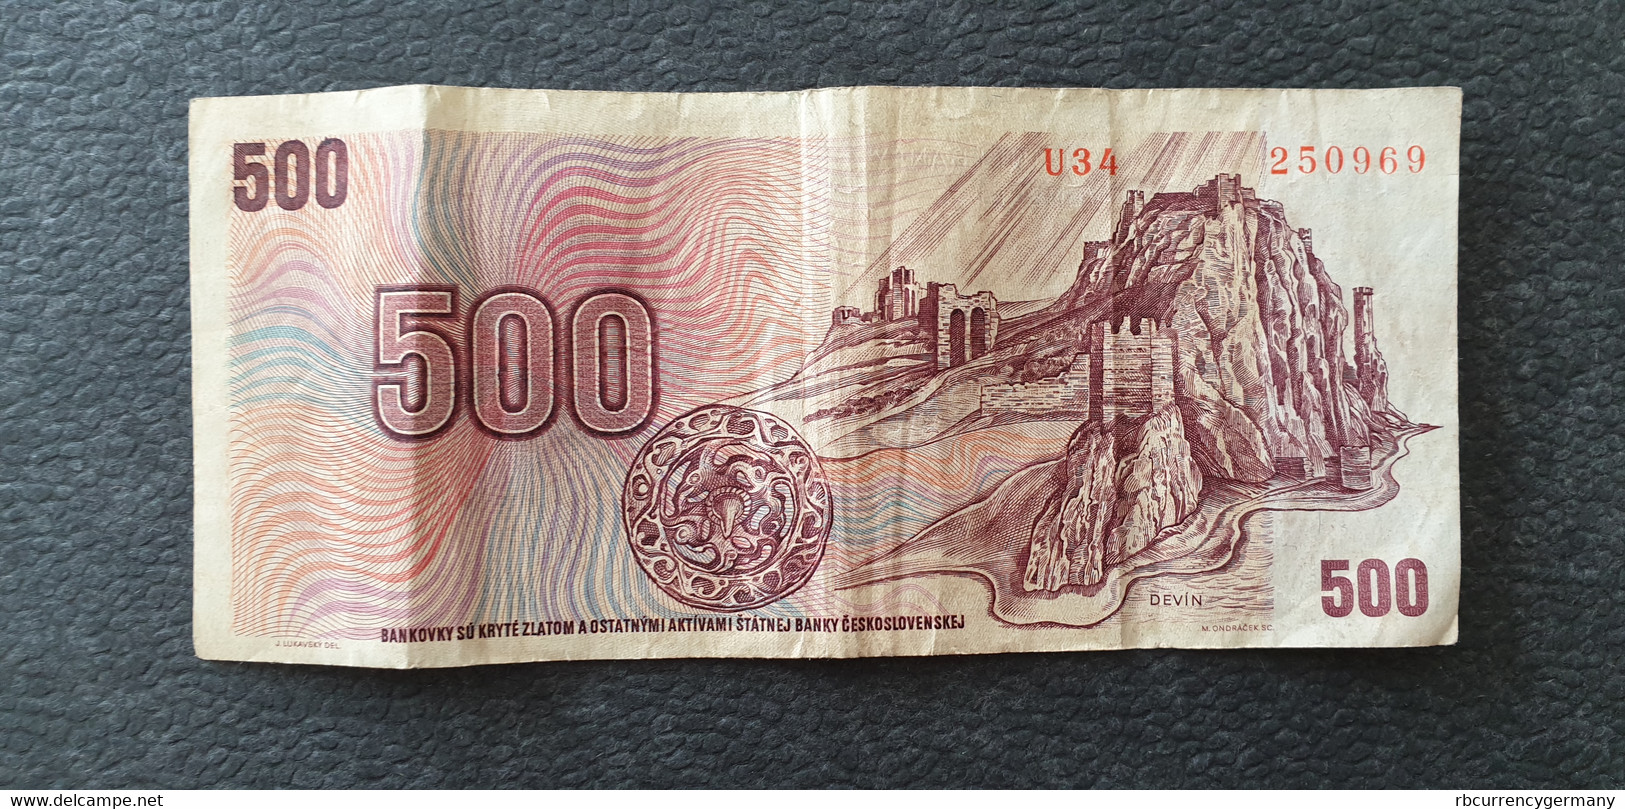 Czechslovakia / Tschechoslowakei 500 Korun 1973  /21.04 - Czechoslovakia